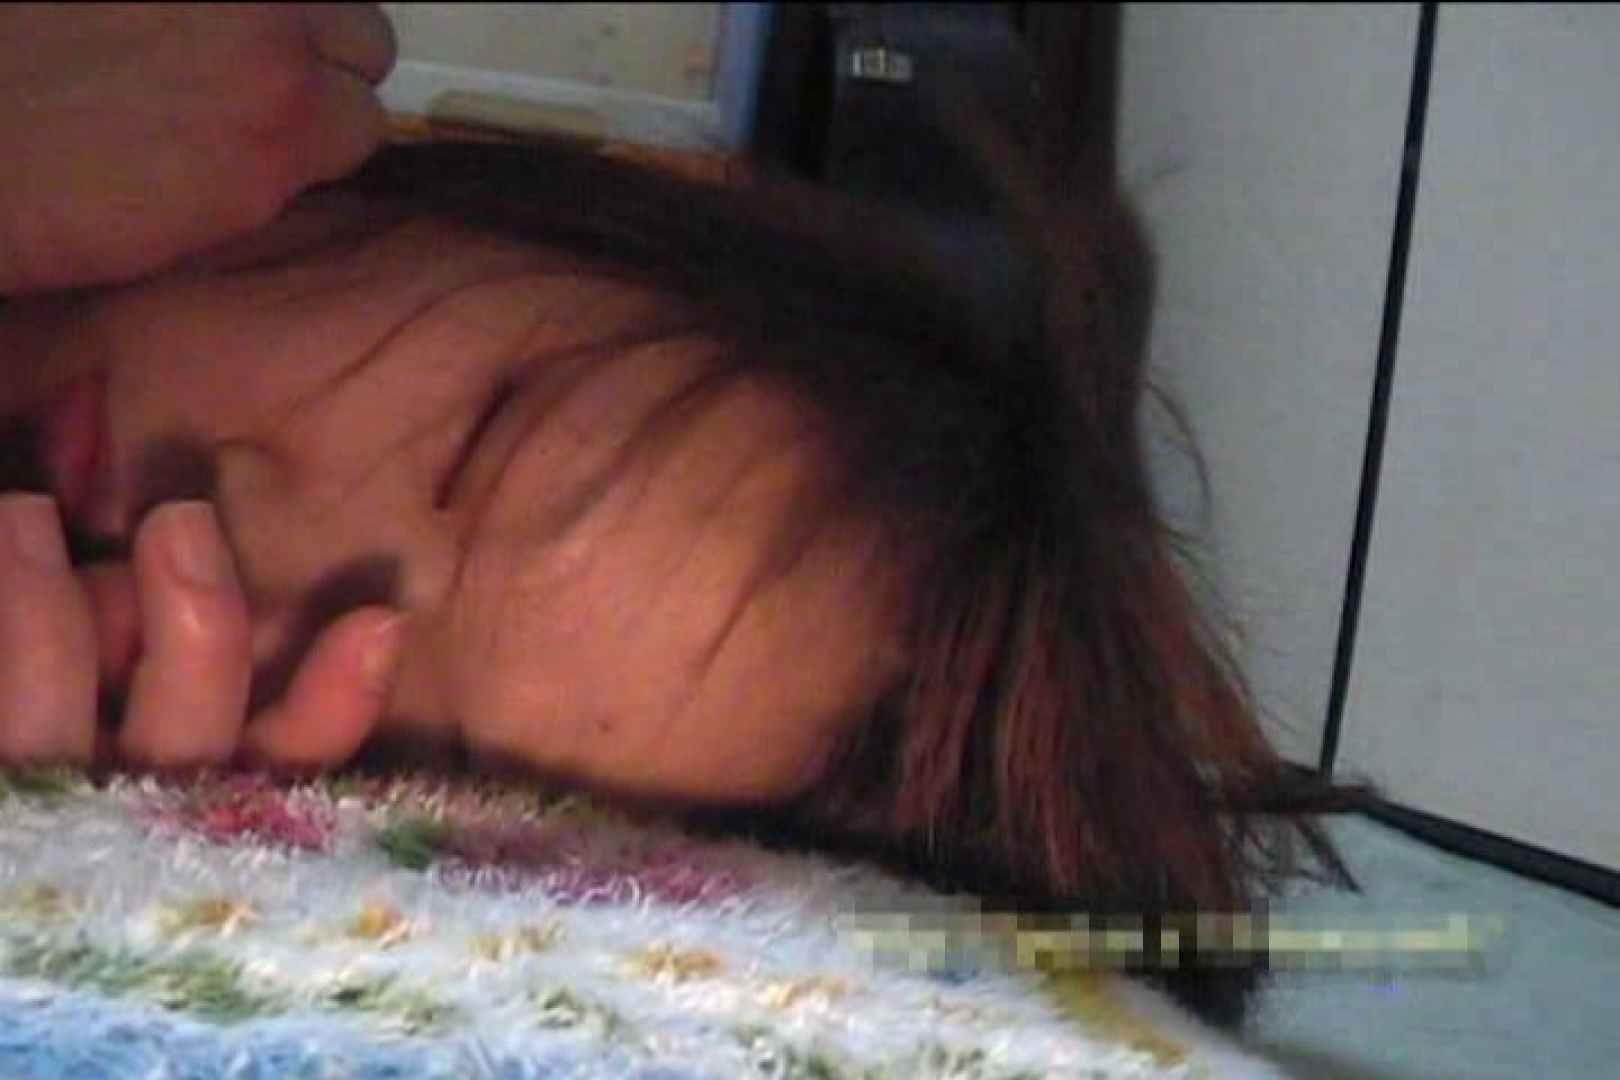 今夜妻を犯しますVol.4 悪戯 アダルト動画キャプチャ 86PIX 77